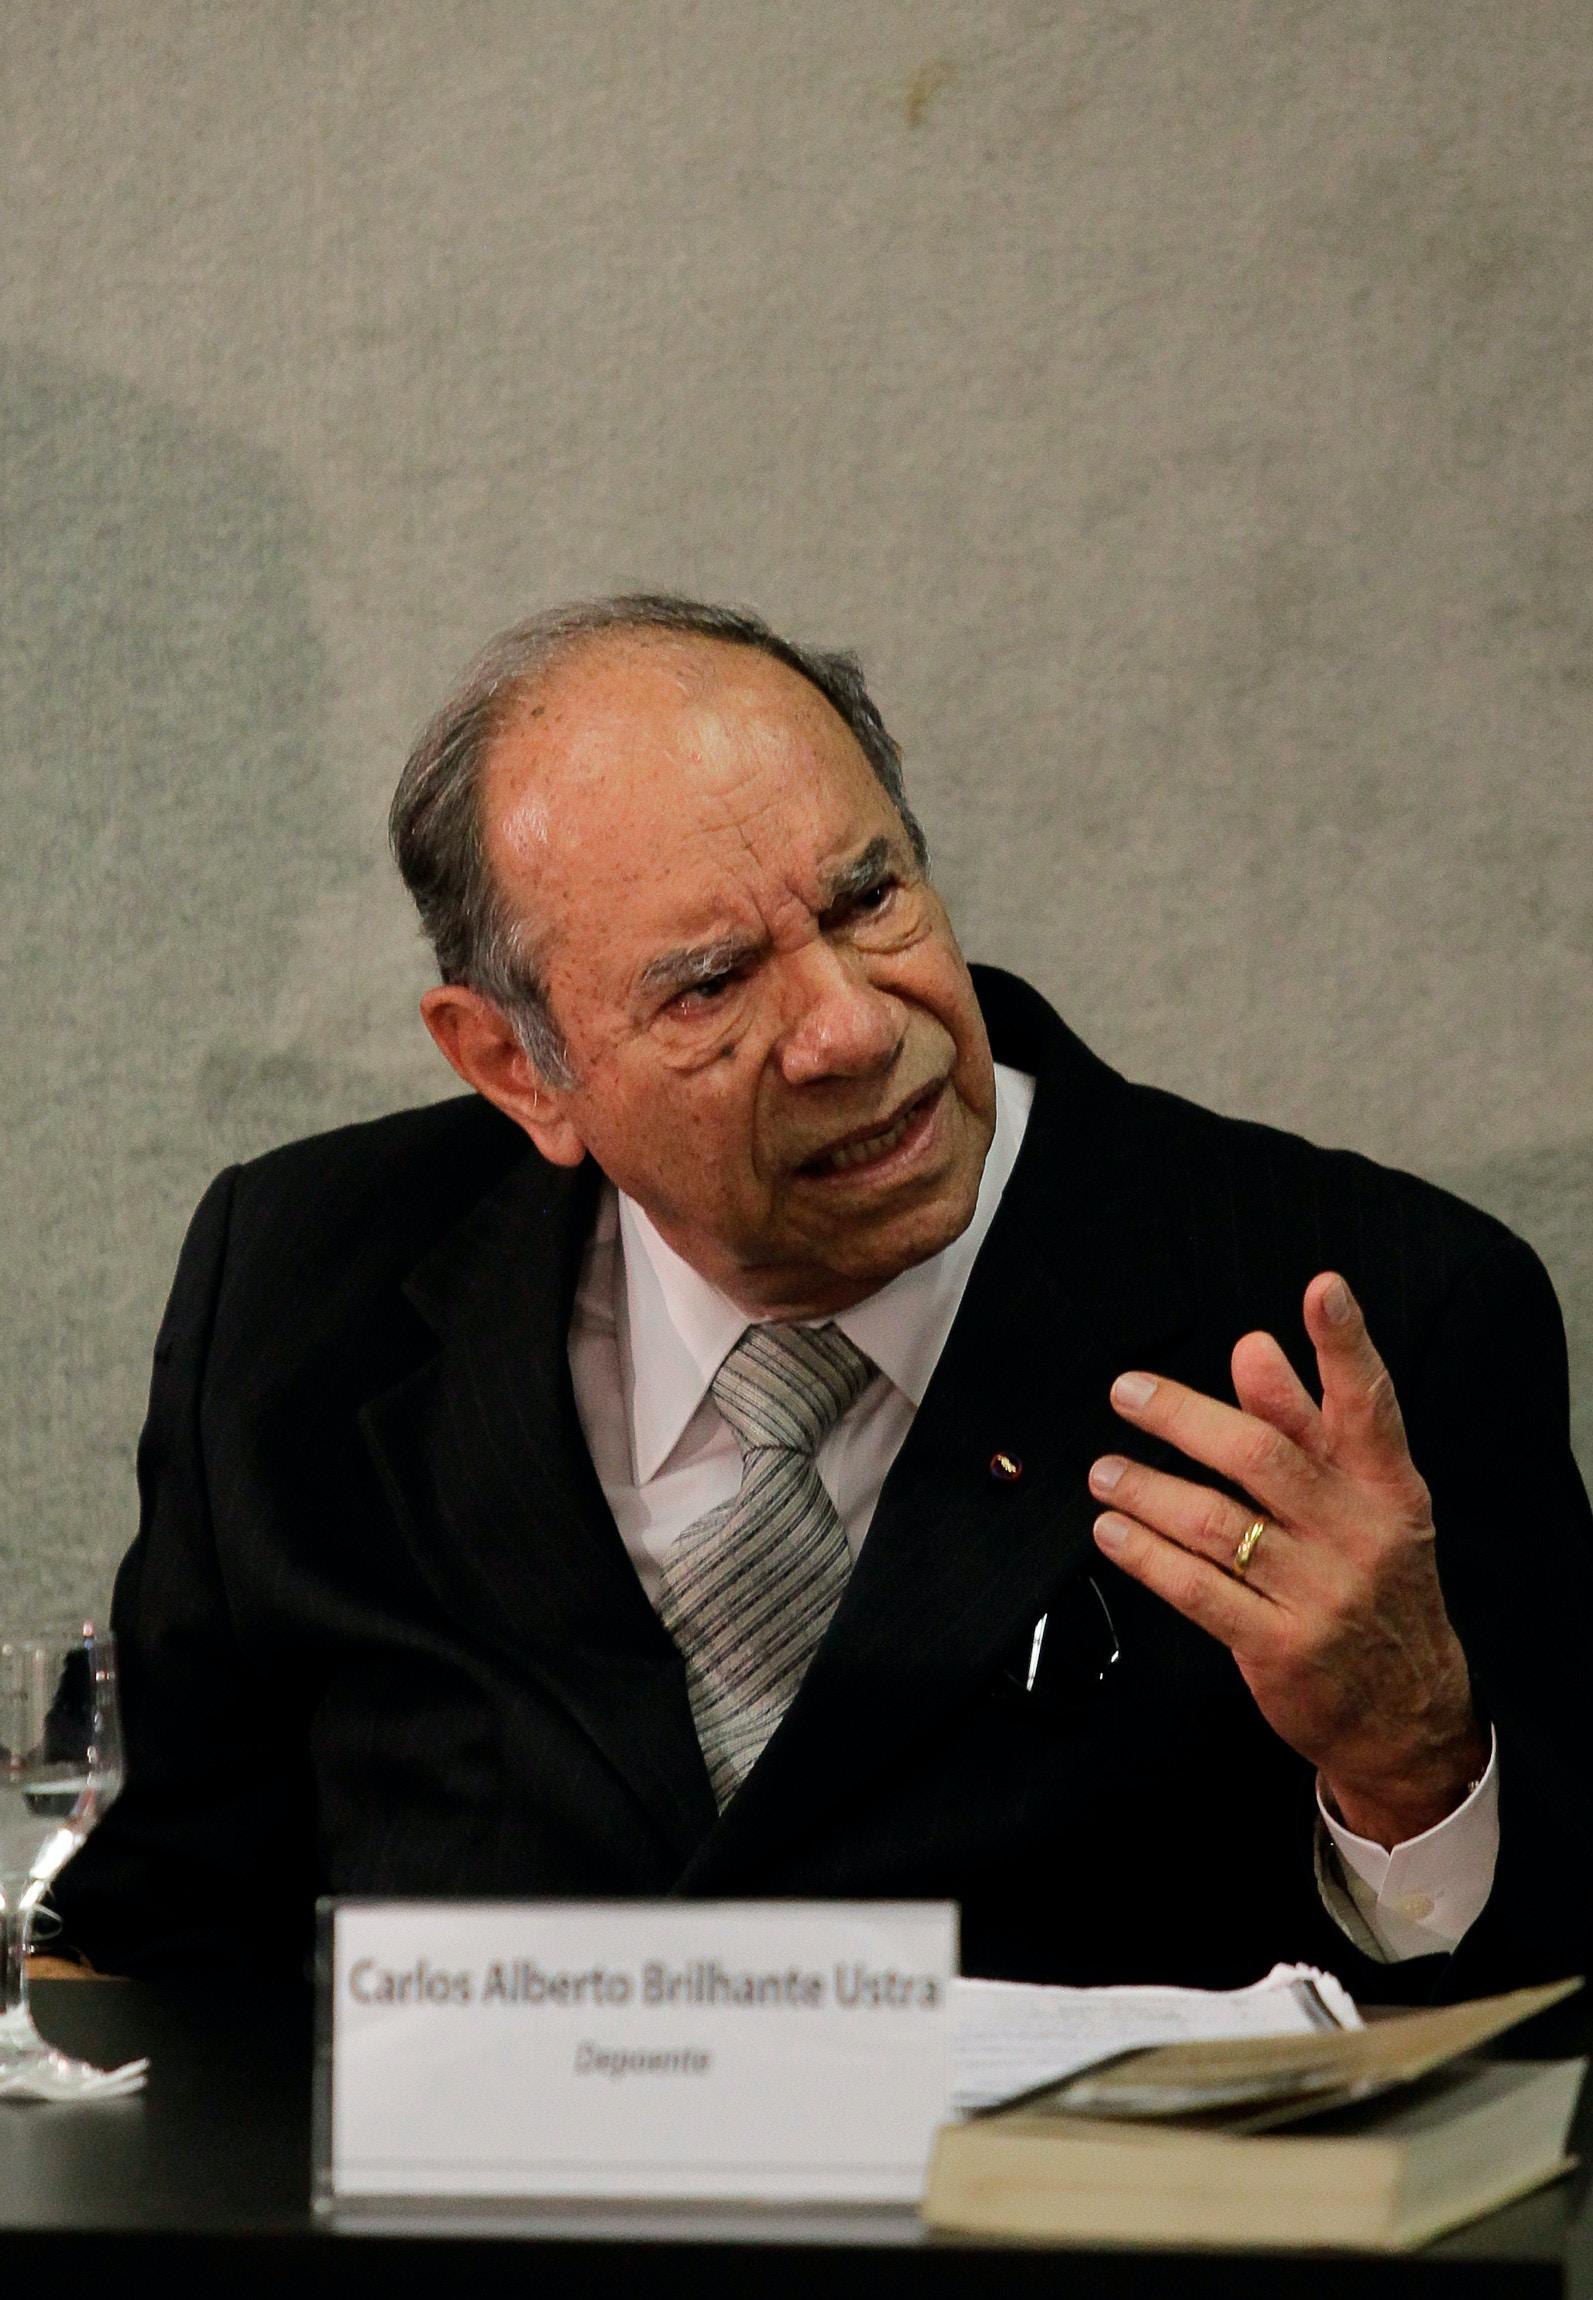 O coronel reformado e ex-comandante do DOI-Codi-SP, Carlos Alberto Brilhante Ustra, na primeira audiência pública promovida pela Comissão Nacional da Verdade, em Brasília (DF).